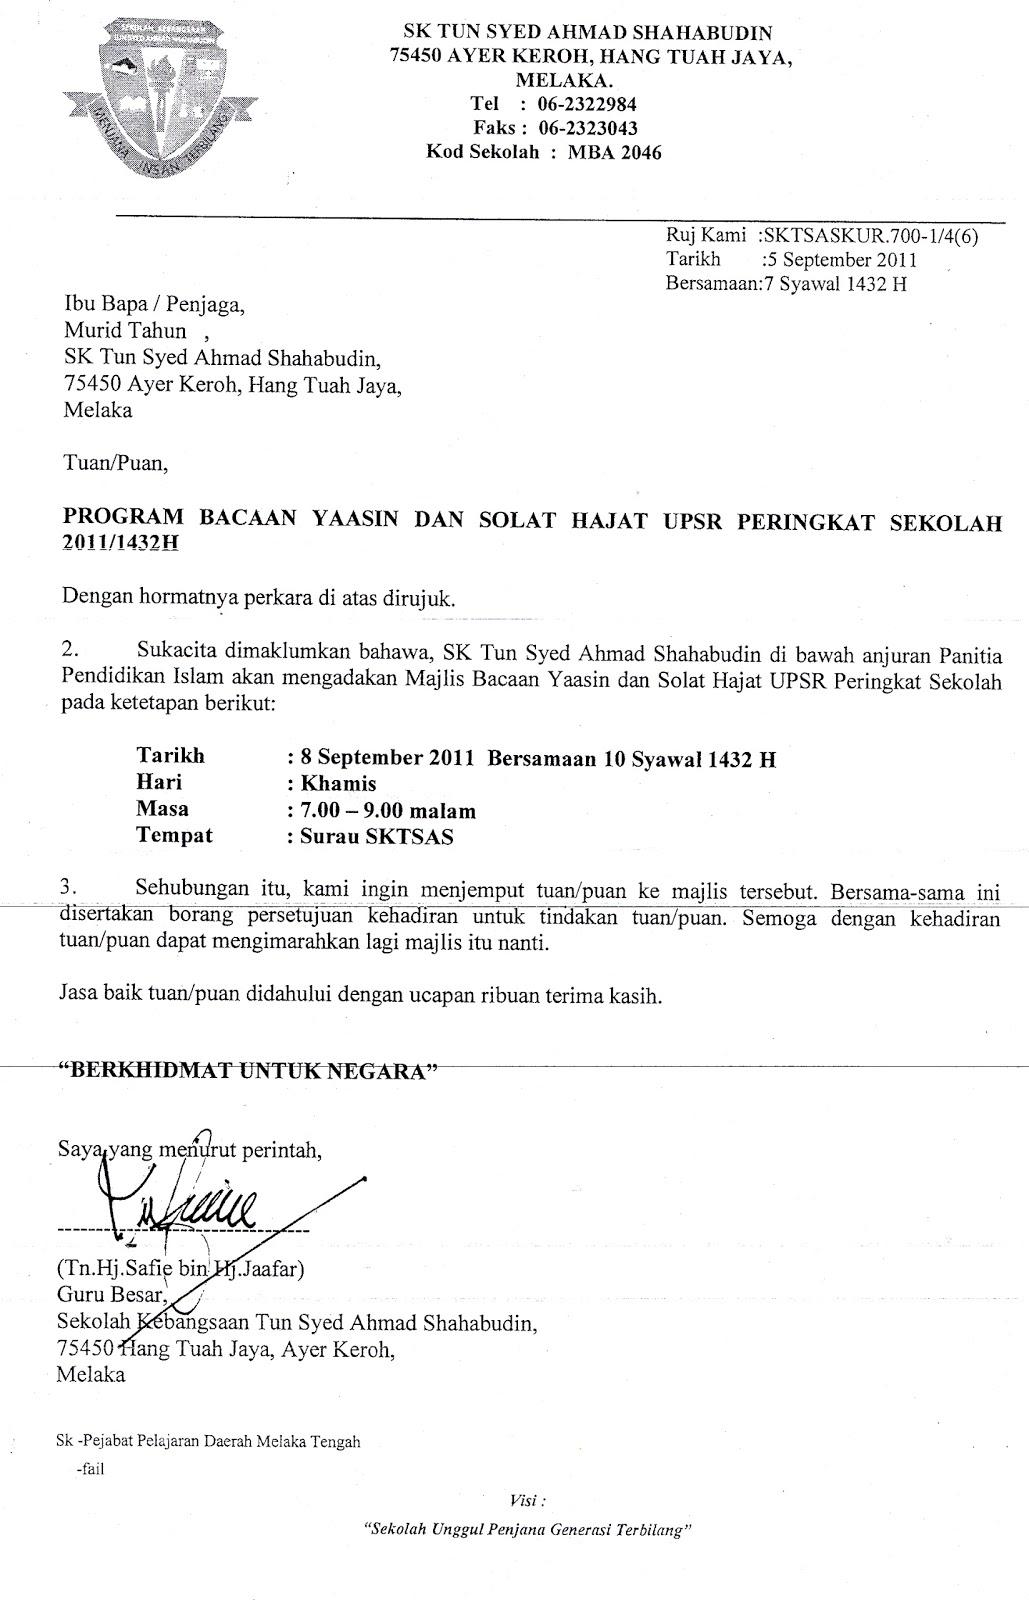 Contoh Surat Jemputan Solat Hajat Contoh Surat